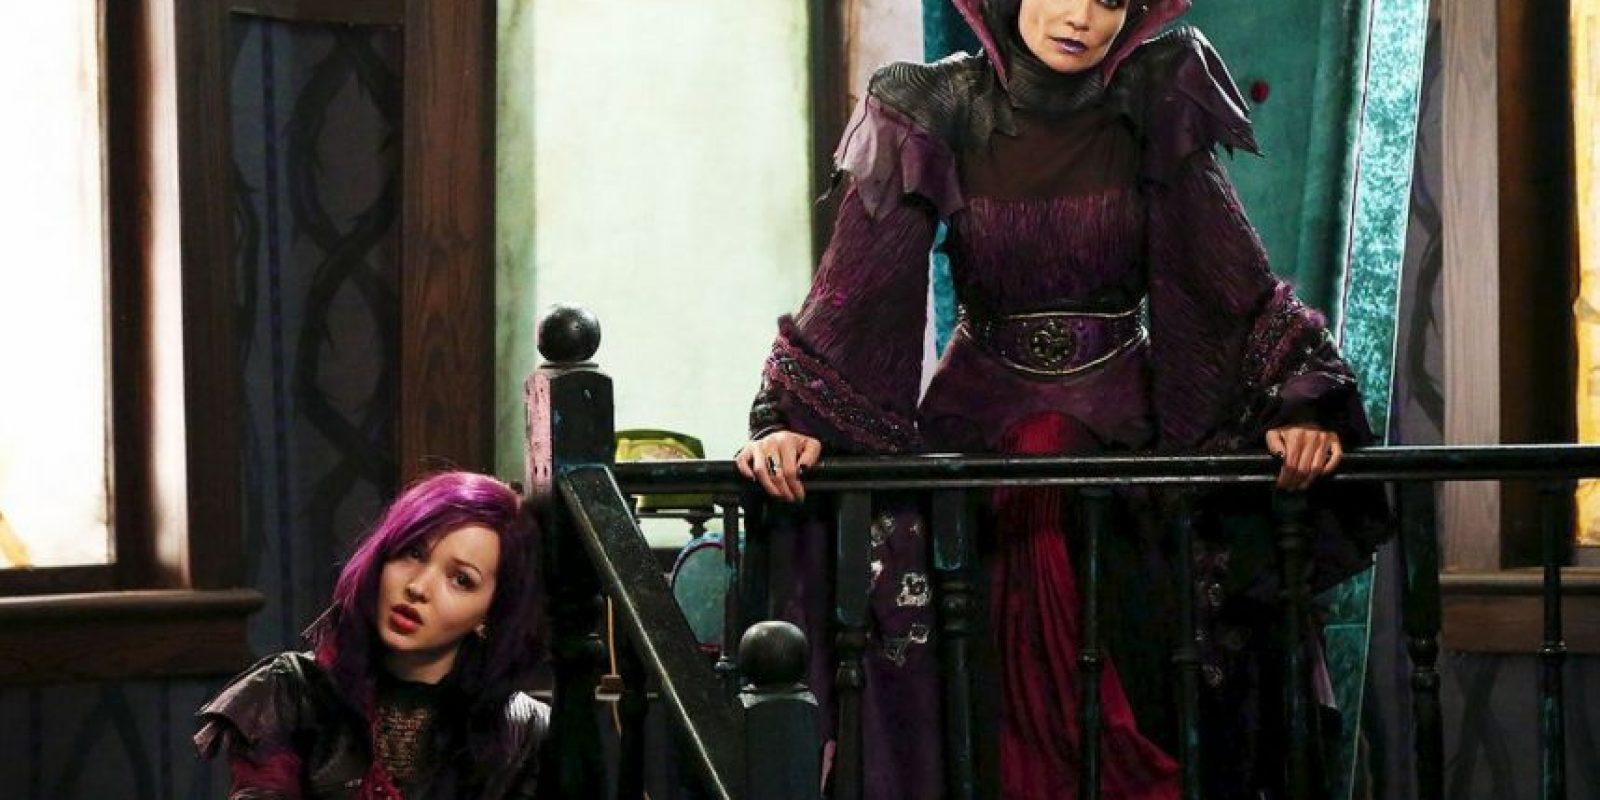 Es la hija de La Reina Malvada. Es muy buena diseñadora de ropa y se puede comunicar con su espejo mágico. Foto:Vía losdescendientes.disney.es/